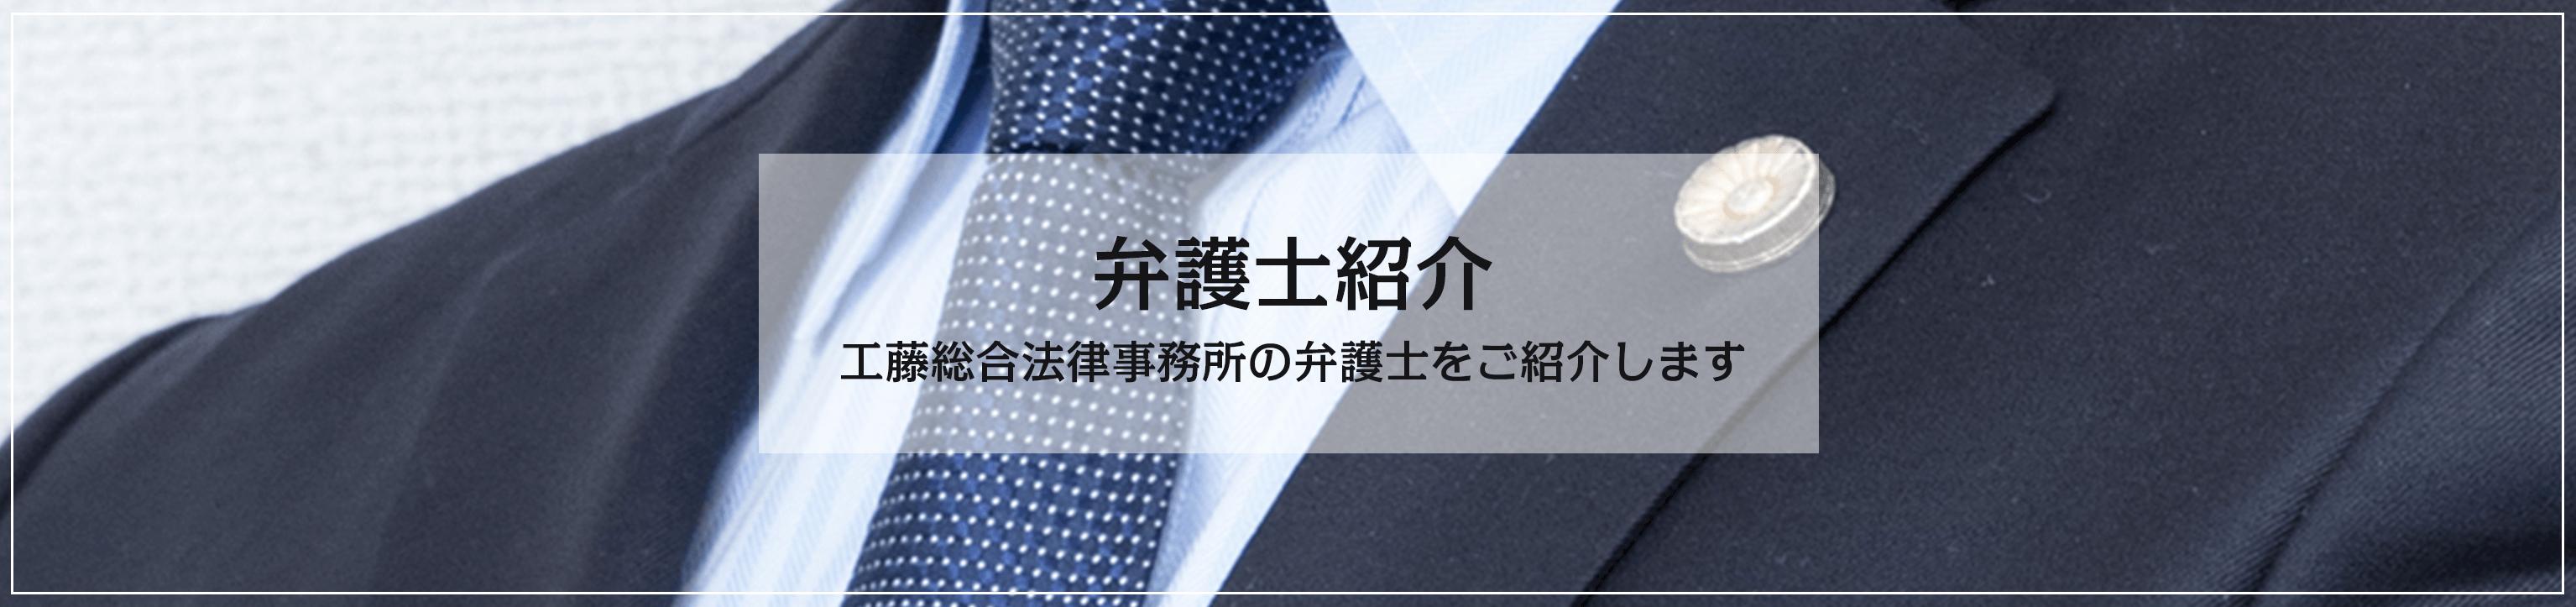 弁護士紹介 工藤総合法律事務所の弁護士をご紹介します